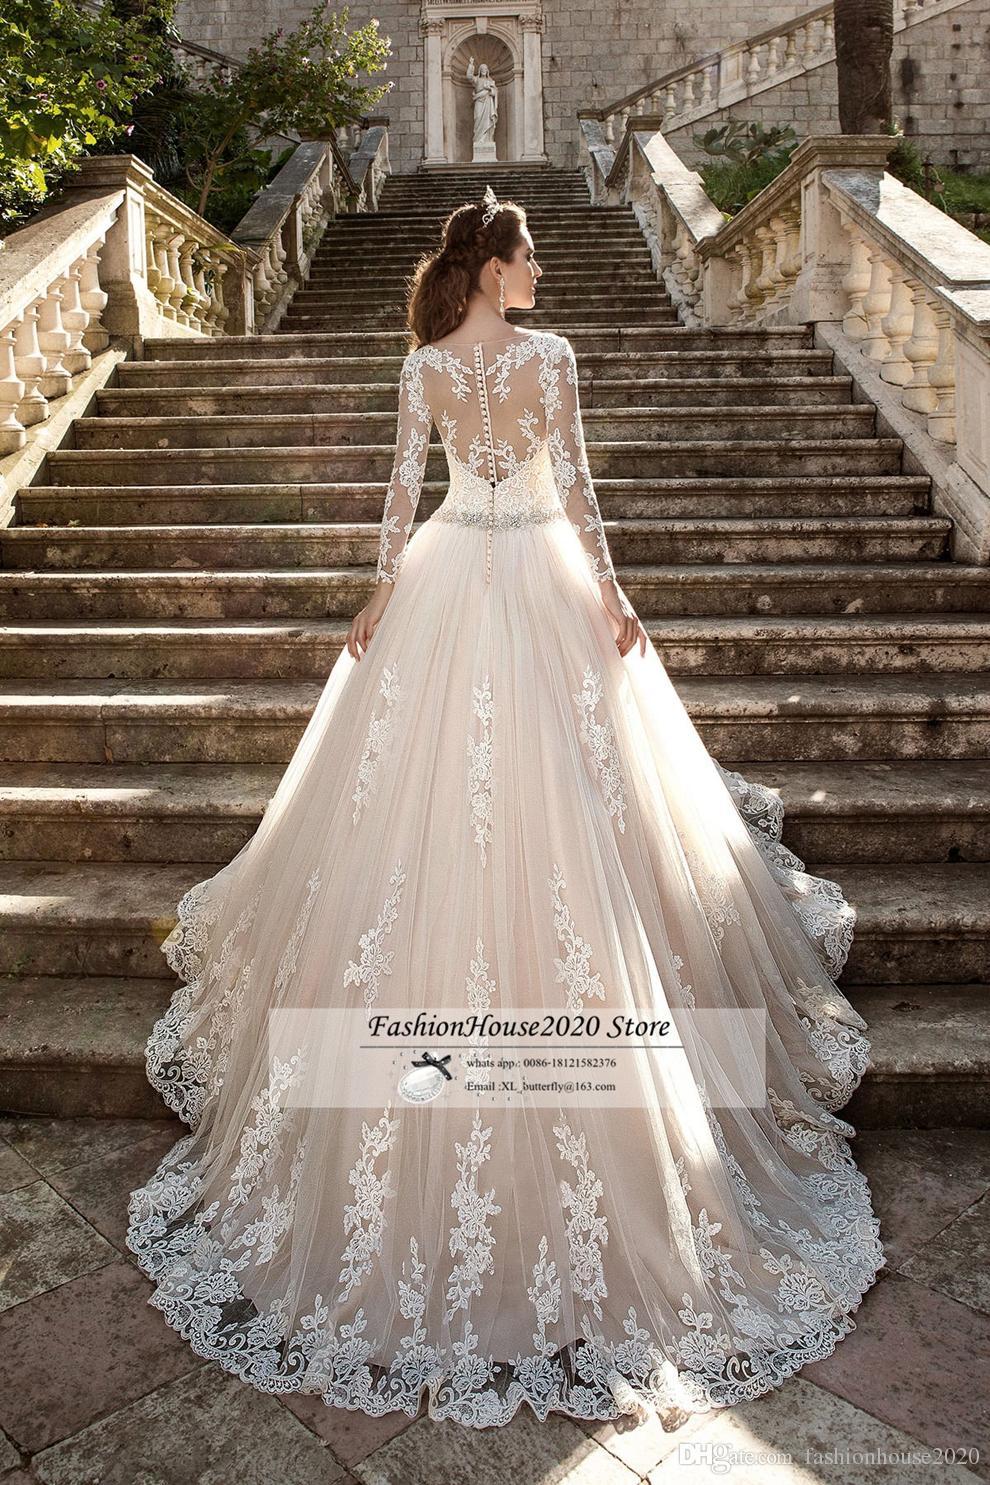 luxury Champagne Plus Size Lace Wedding Dresses Long Sleeve Sheer Illusion Lace Back Bridal Gowns Princess Bride Dresses Vestidos de novia